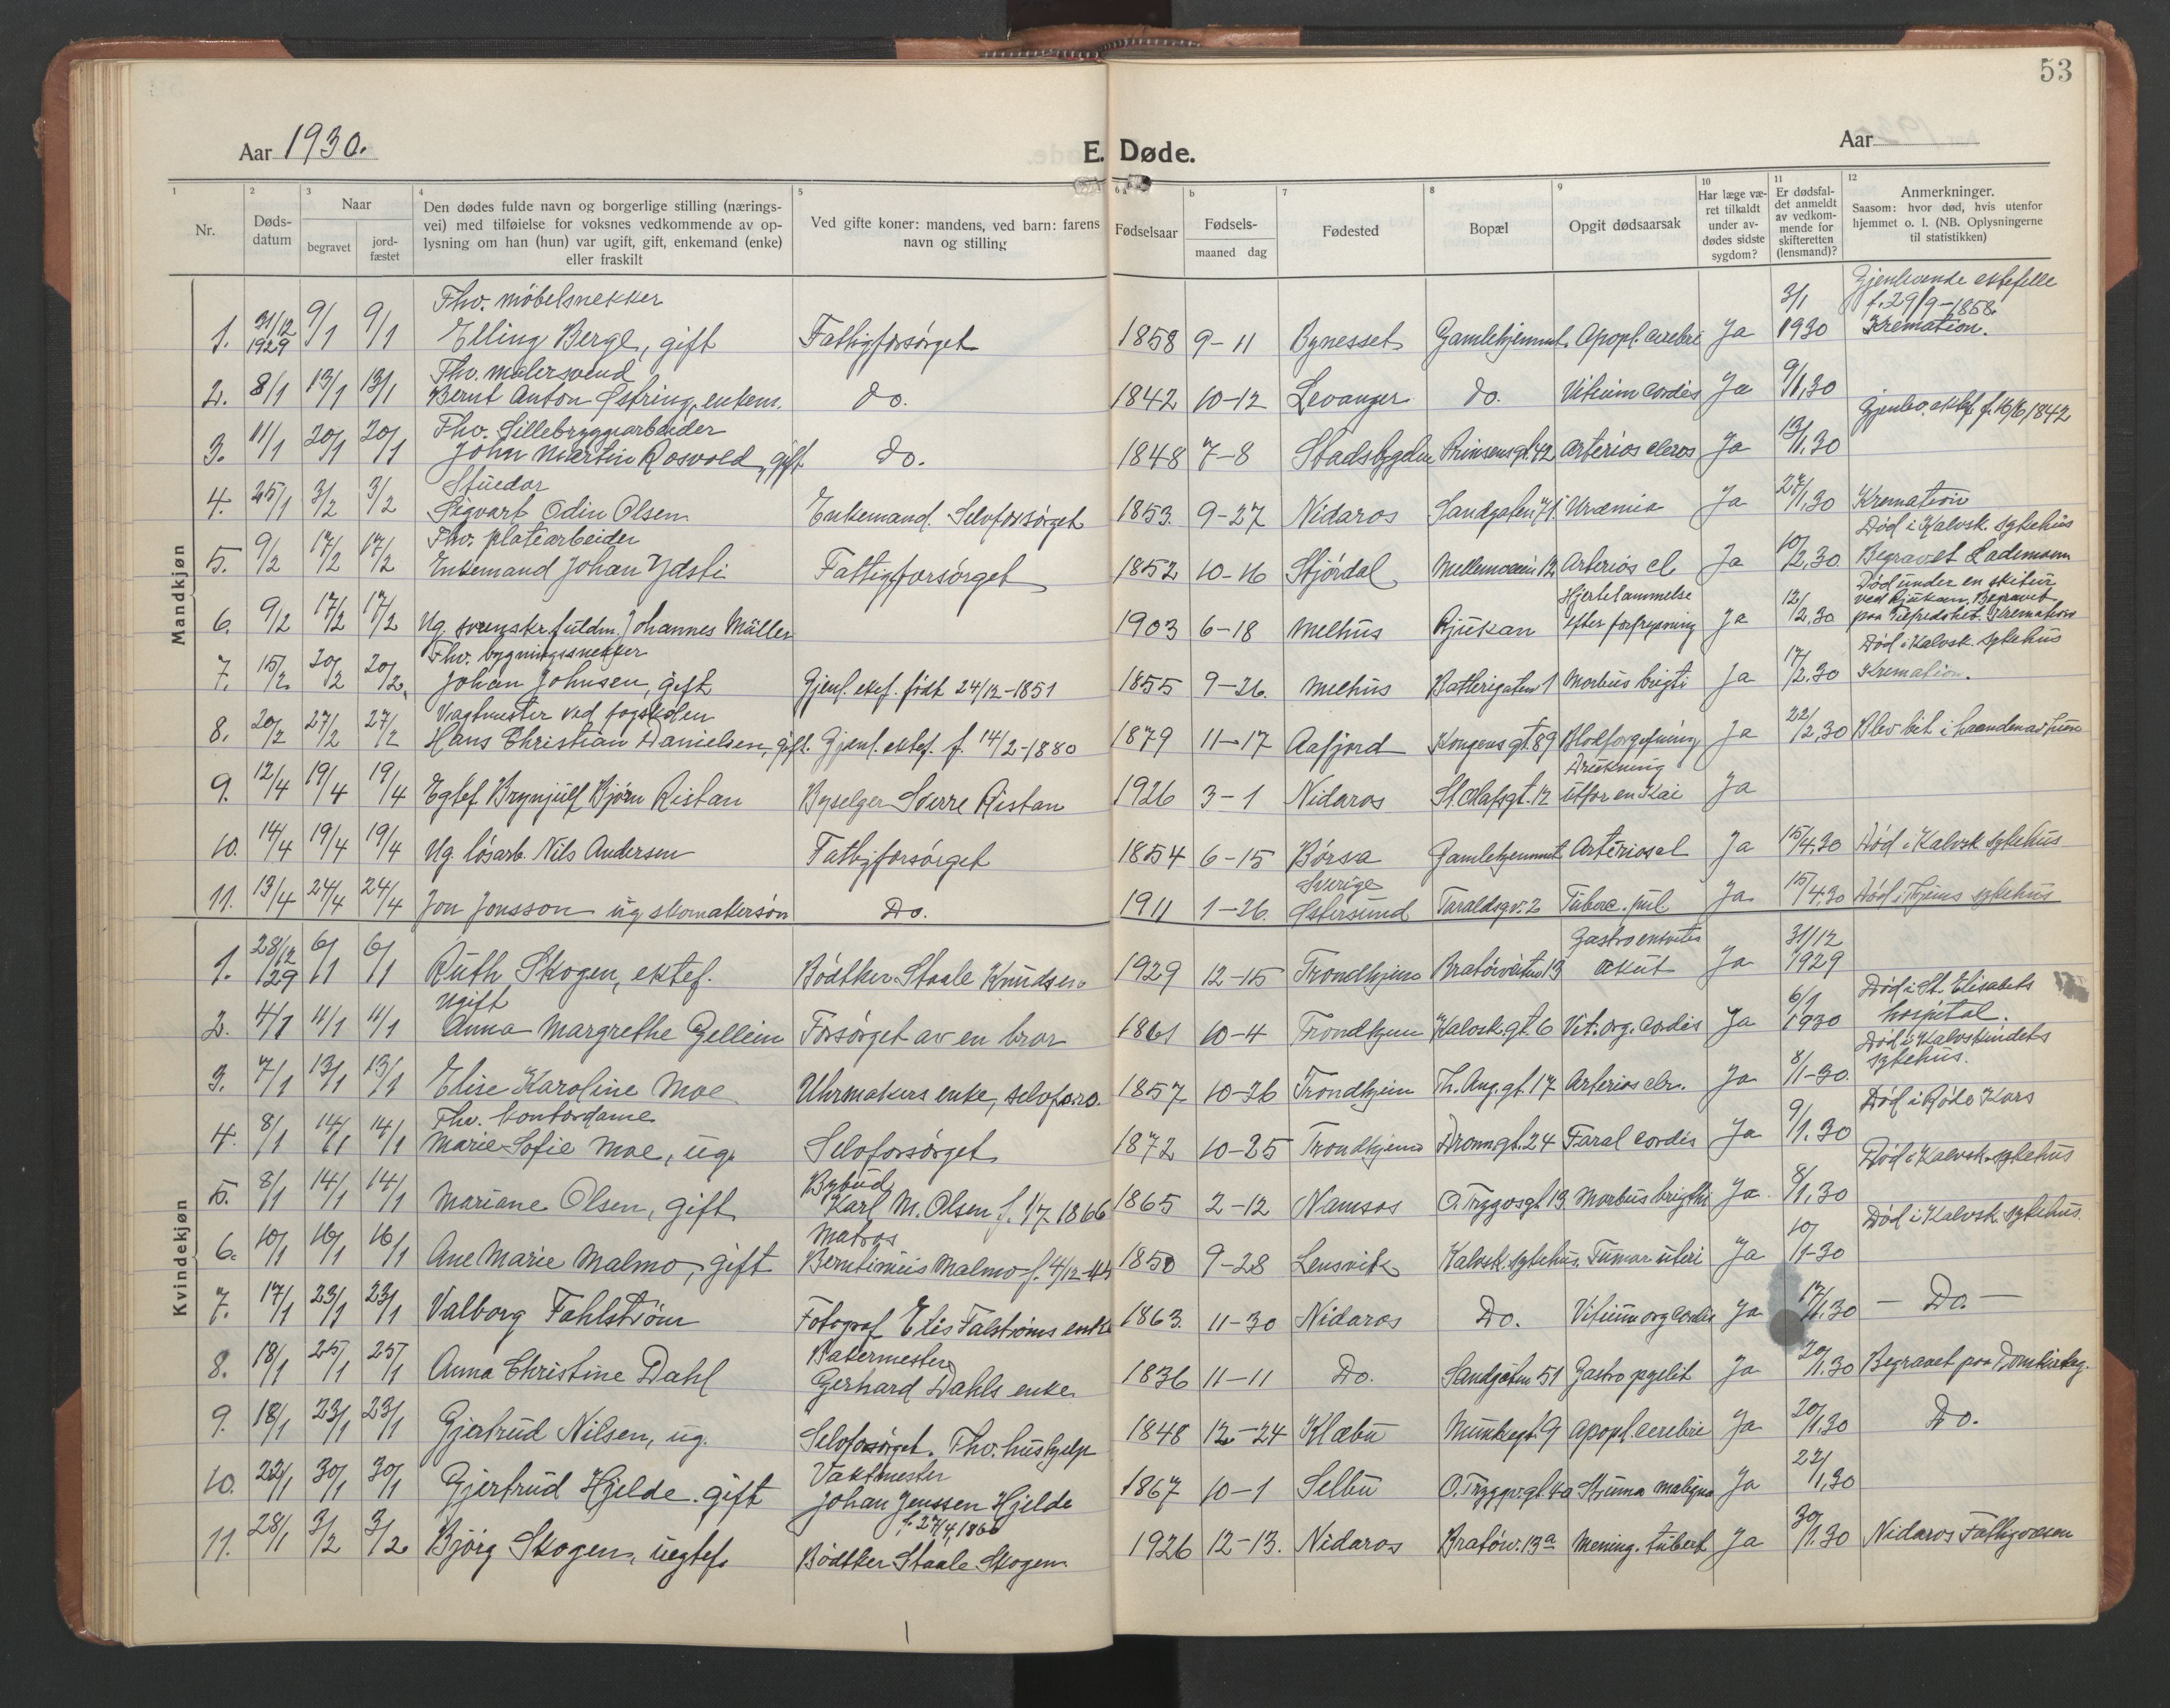 SAT, Ministerialprotokoller, klokkerbøker og fødselsregistre - Sør-Trøndelag, 602/L0150: Klokkerbok nr. 602C18, 1922-1949, s. 53